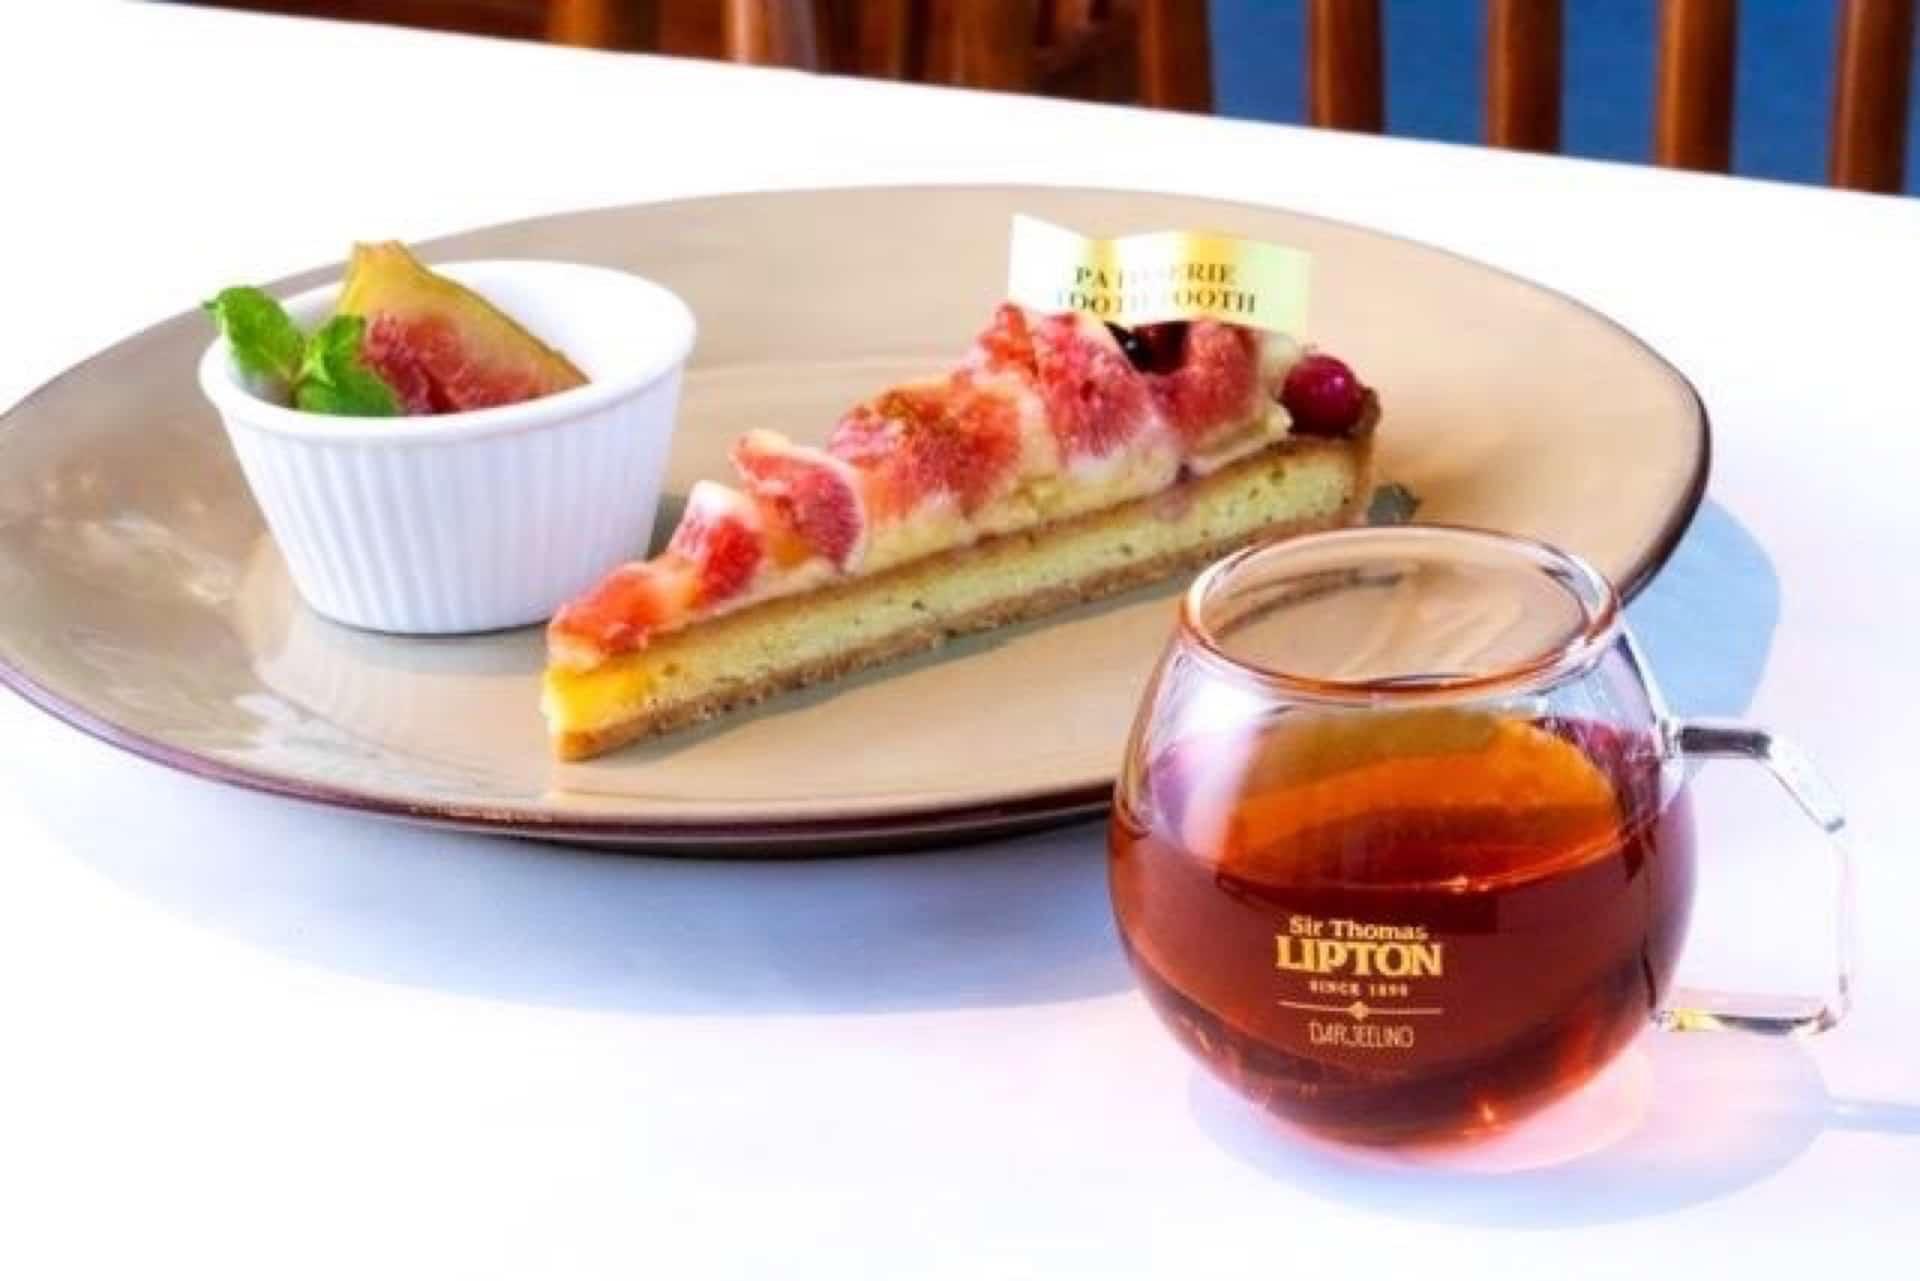 2018年11月1日「紅茶の日」にリプトンの紅茶を楽しめるイベント「TEASTING」が神戸で開催